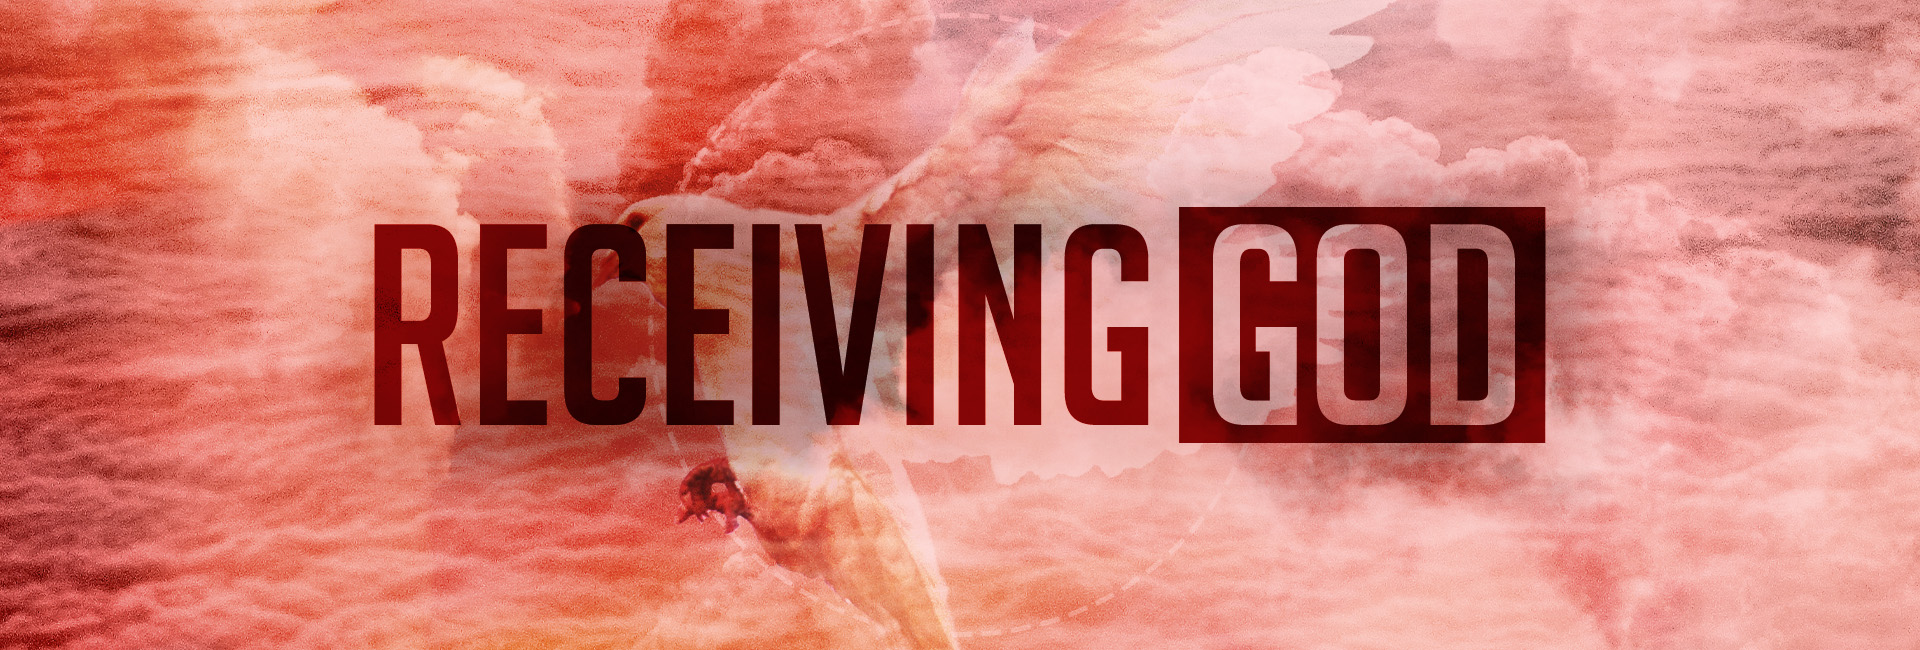 Receiving God